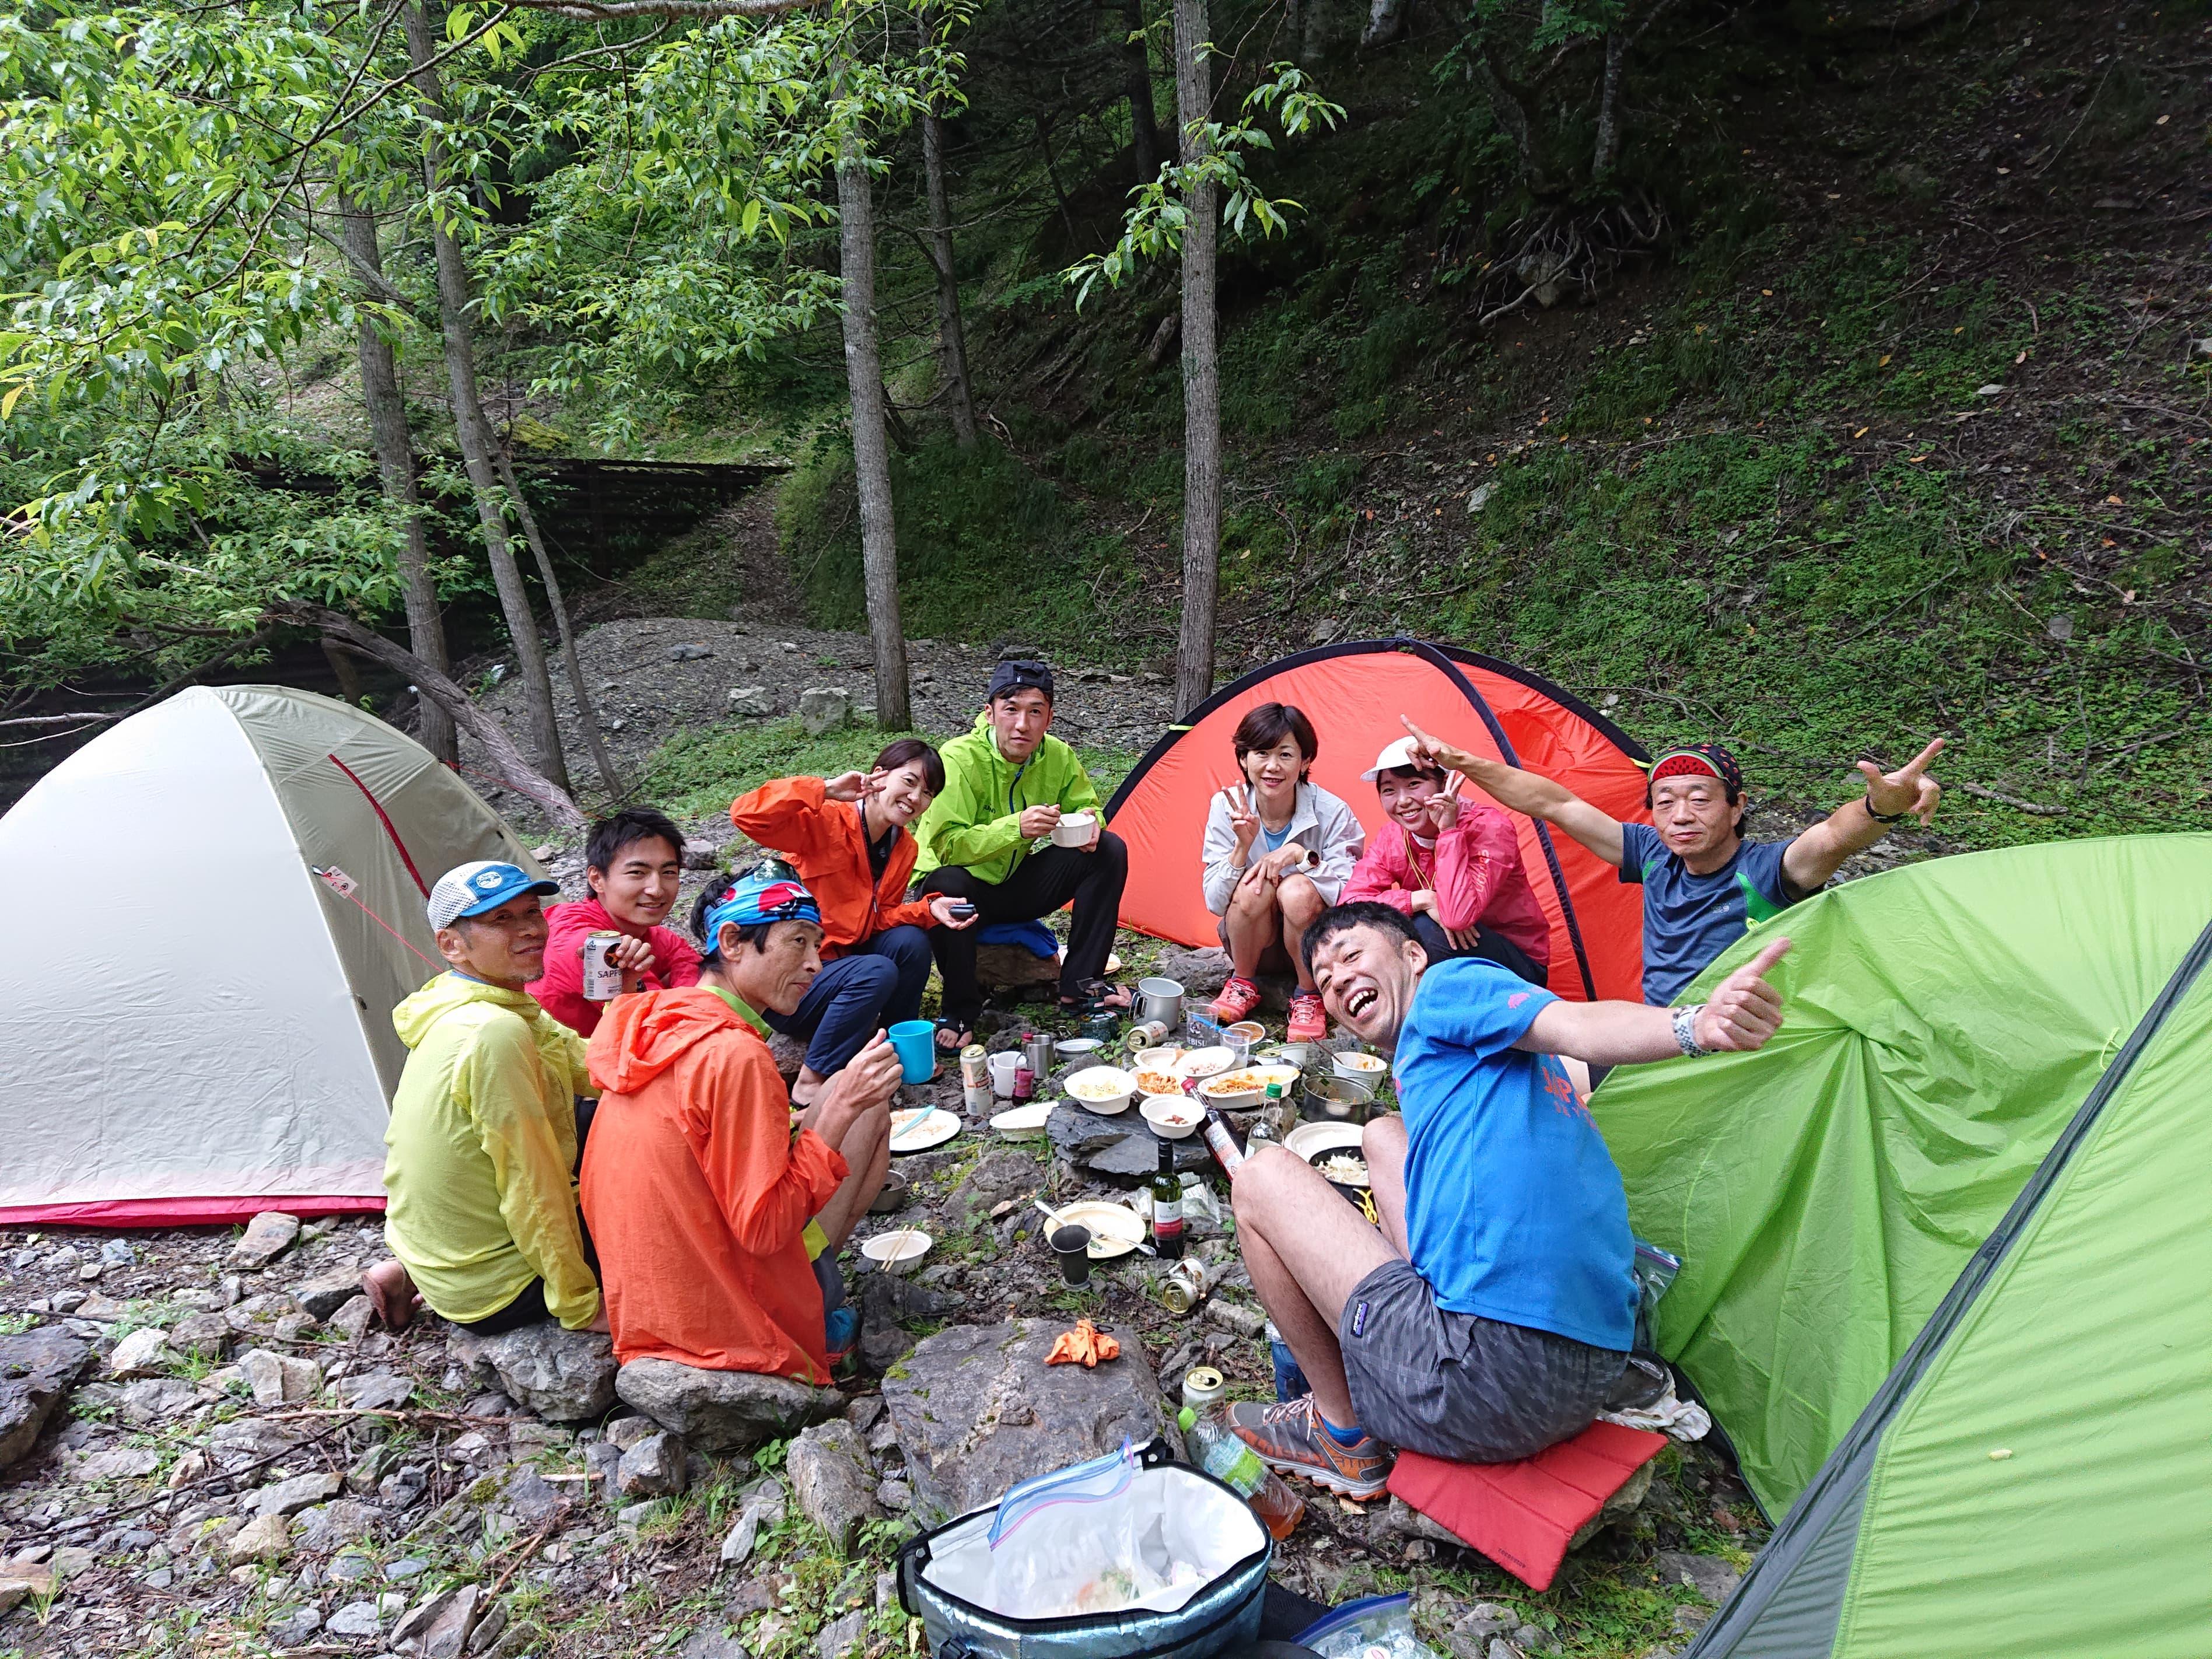 仲間と食べる「山飯」はおいしく楽しい